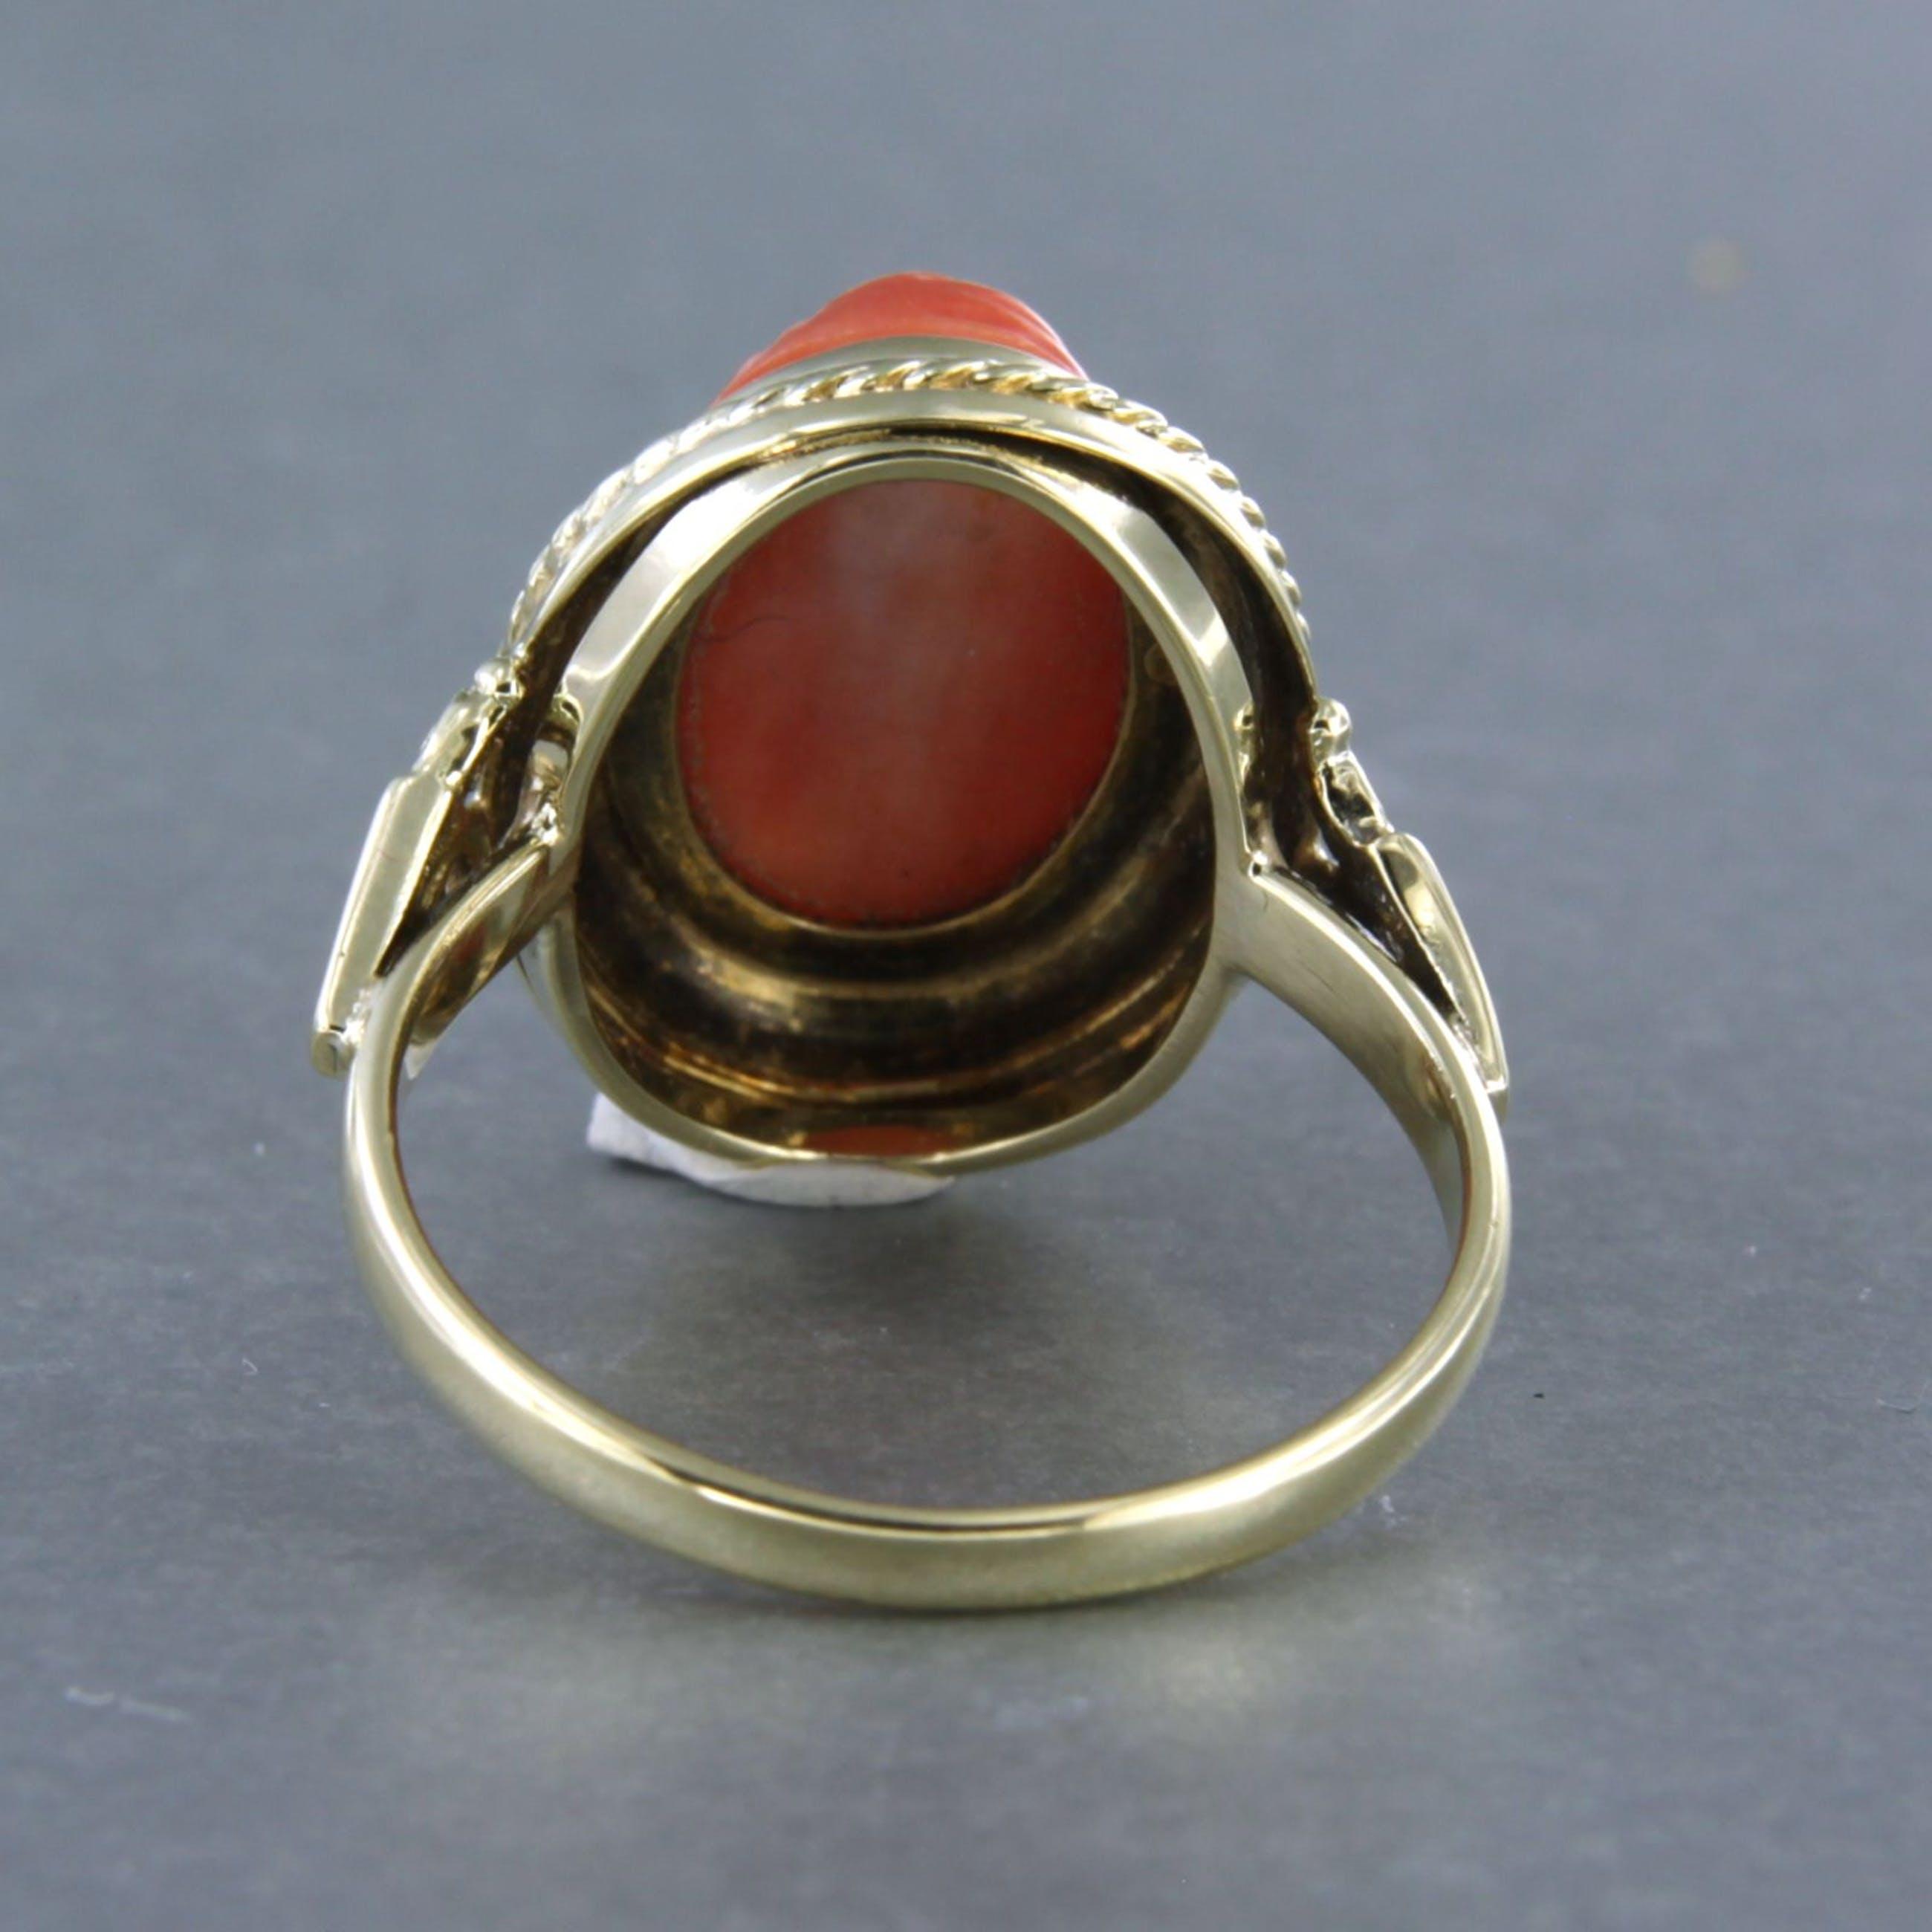 14k geel gouden ring bezet met koraal - ringmaat 17,75(56) kopen? Bied vanaf 190!